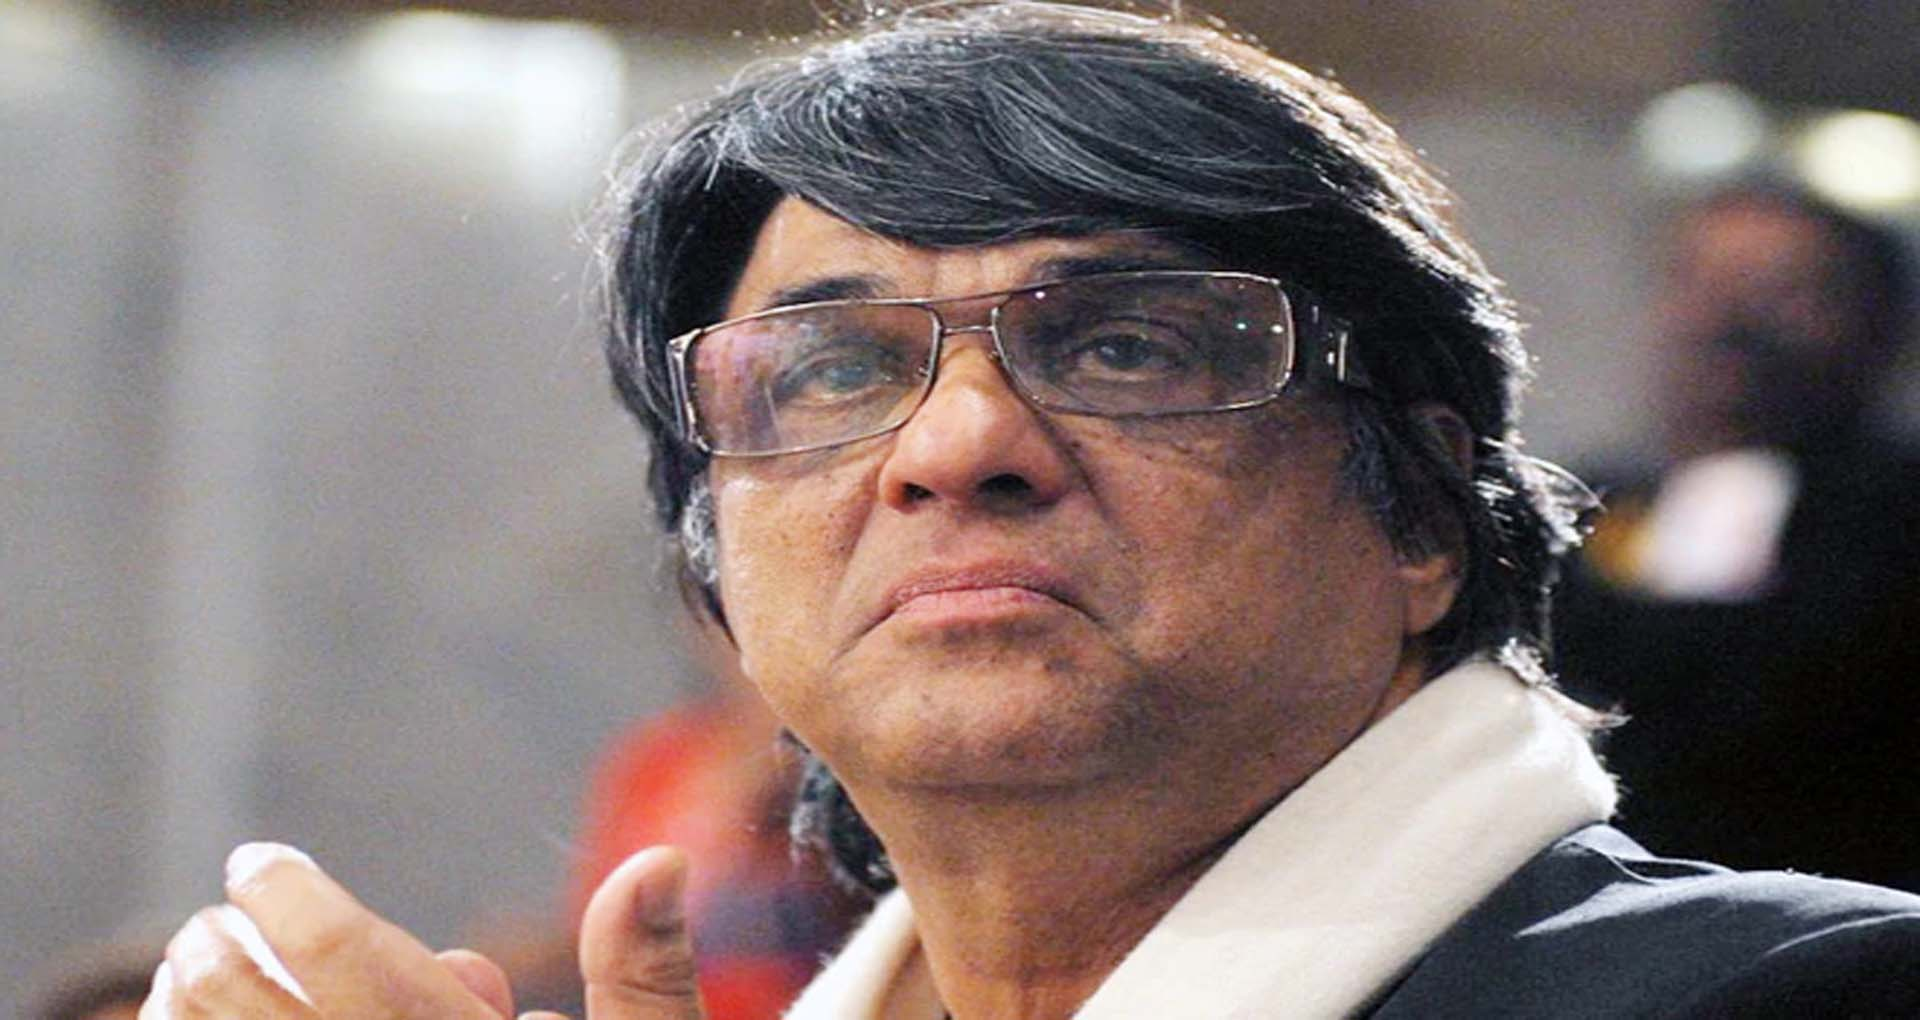 Mukesh Khanna Statement: मुकेश खन्ना के बिगड़े बोल, महिलाओं को लेकर कहा वो पुरुषों के बराबर नहीं